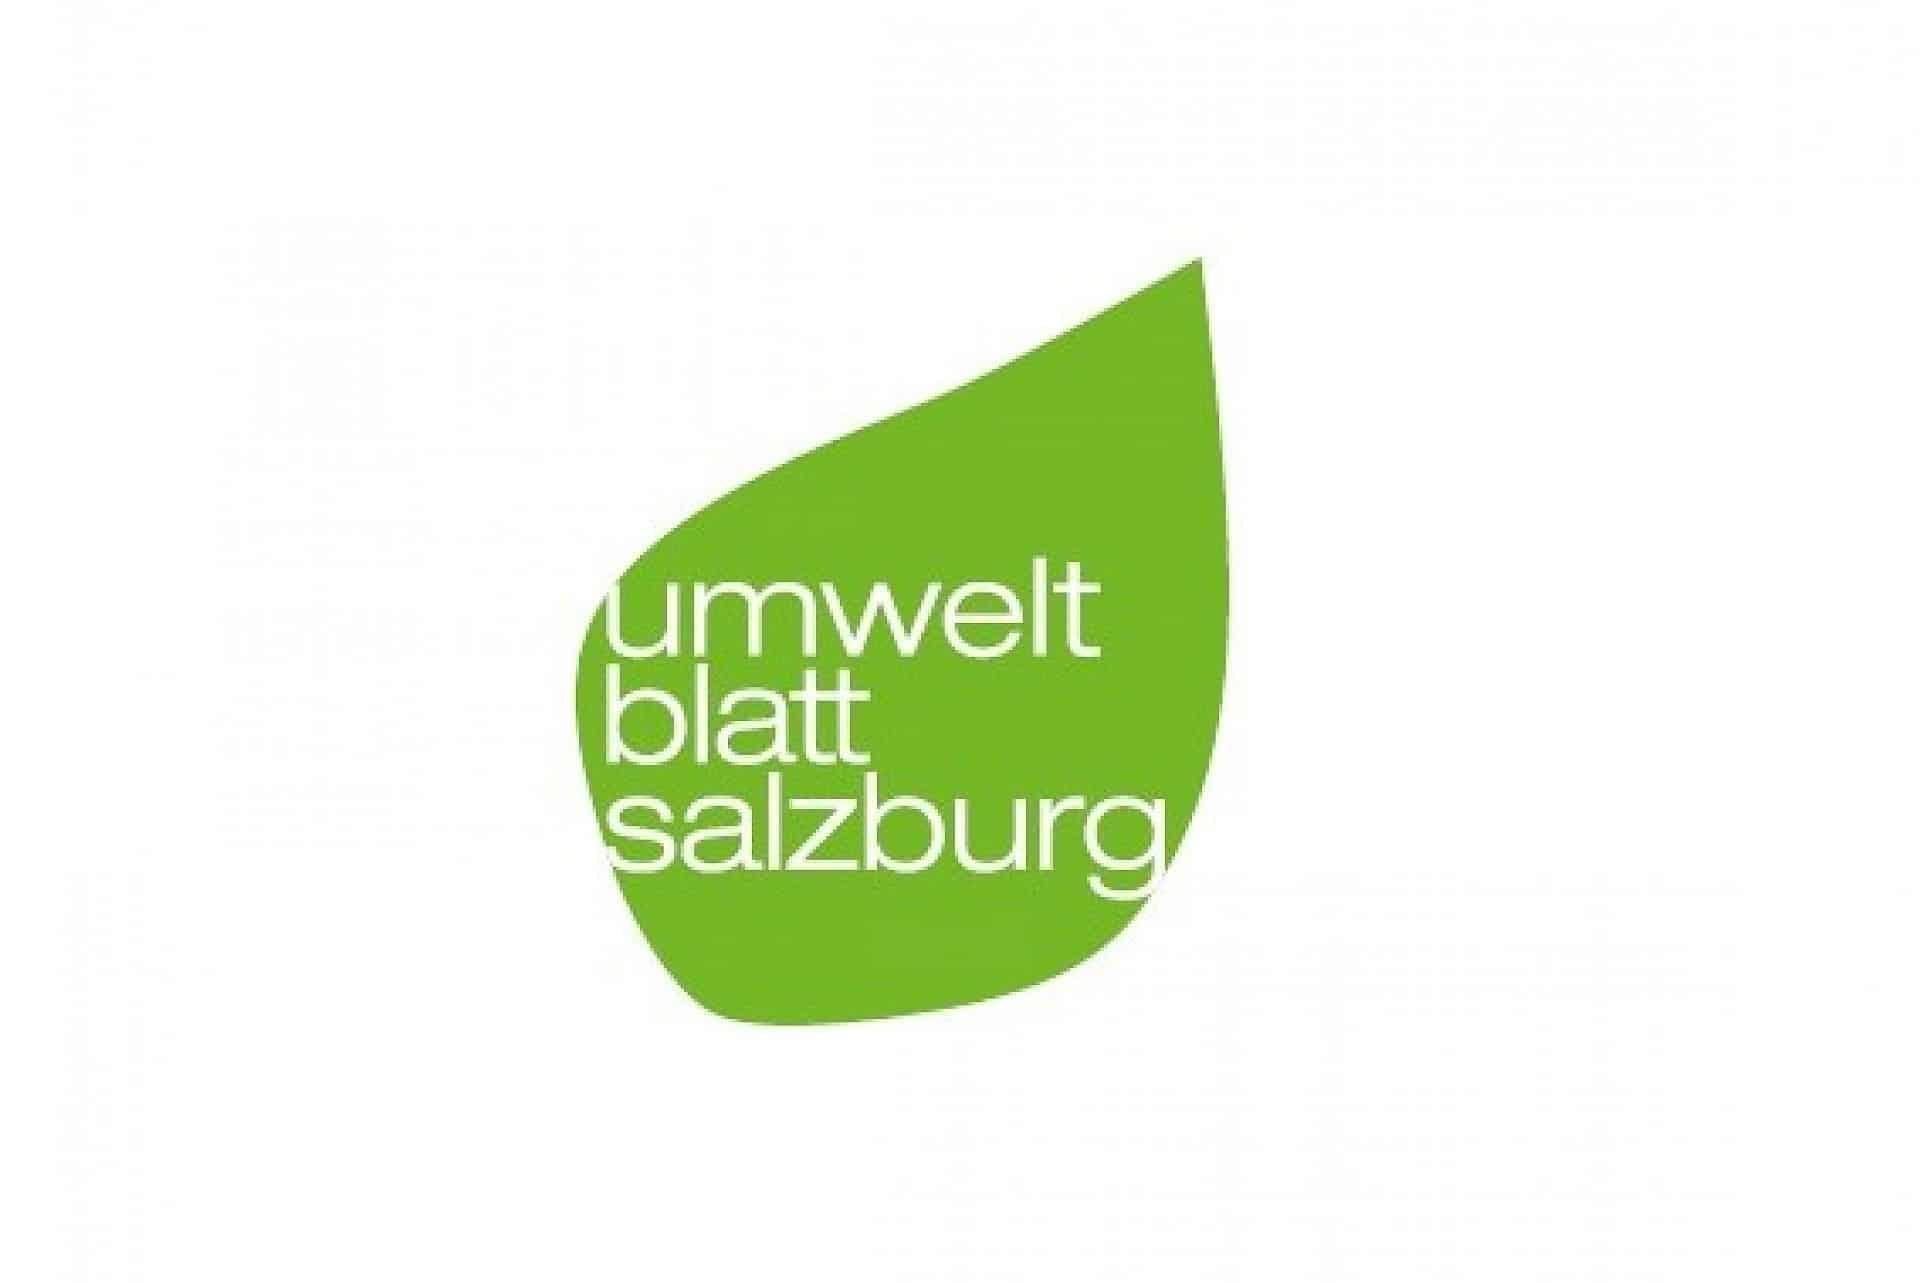 Umweltblatt Salzburg